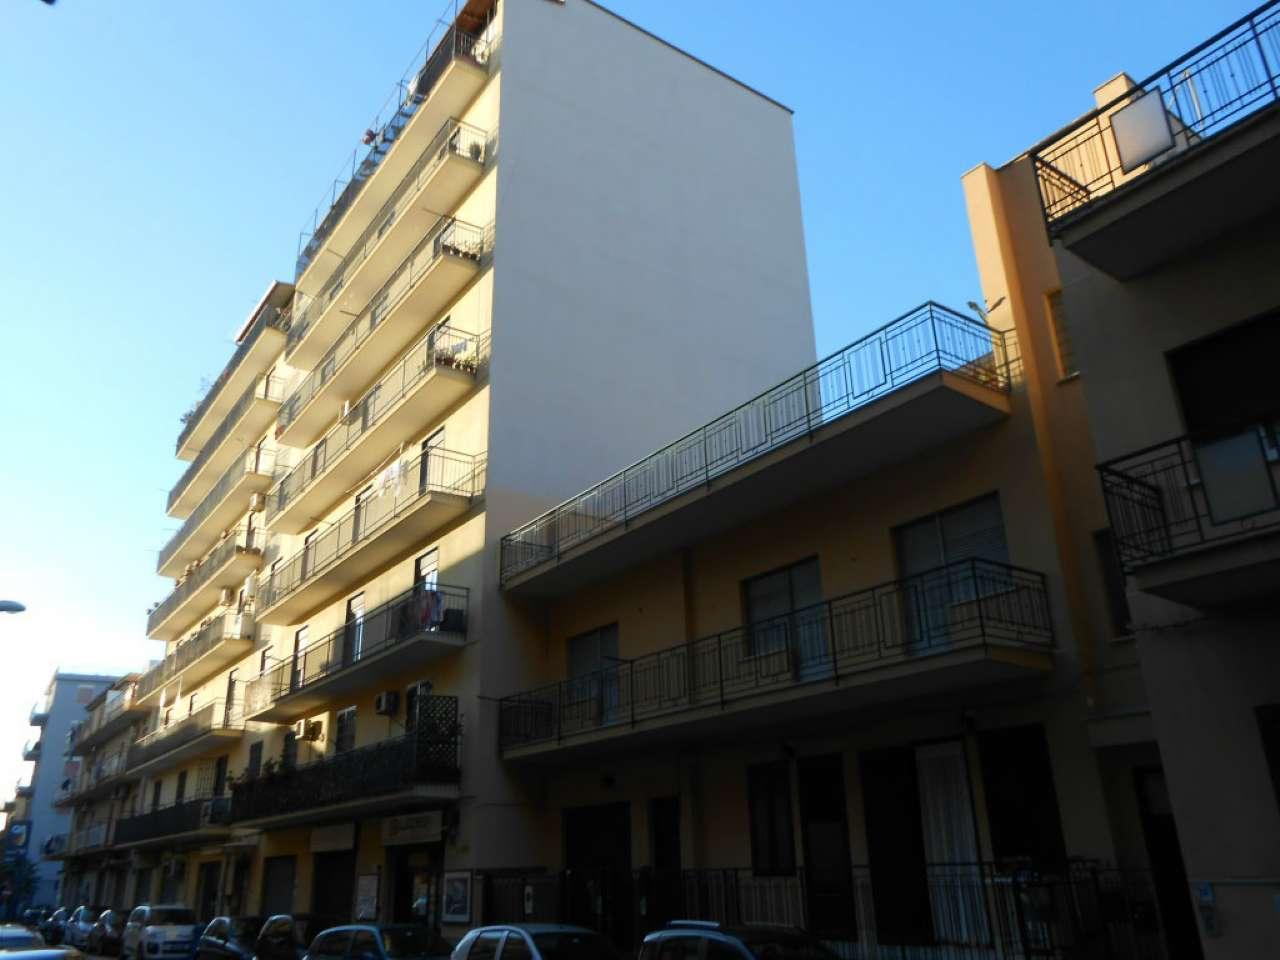 Ampio appartamento con balcone su prospetto principale